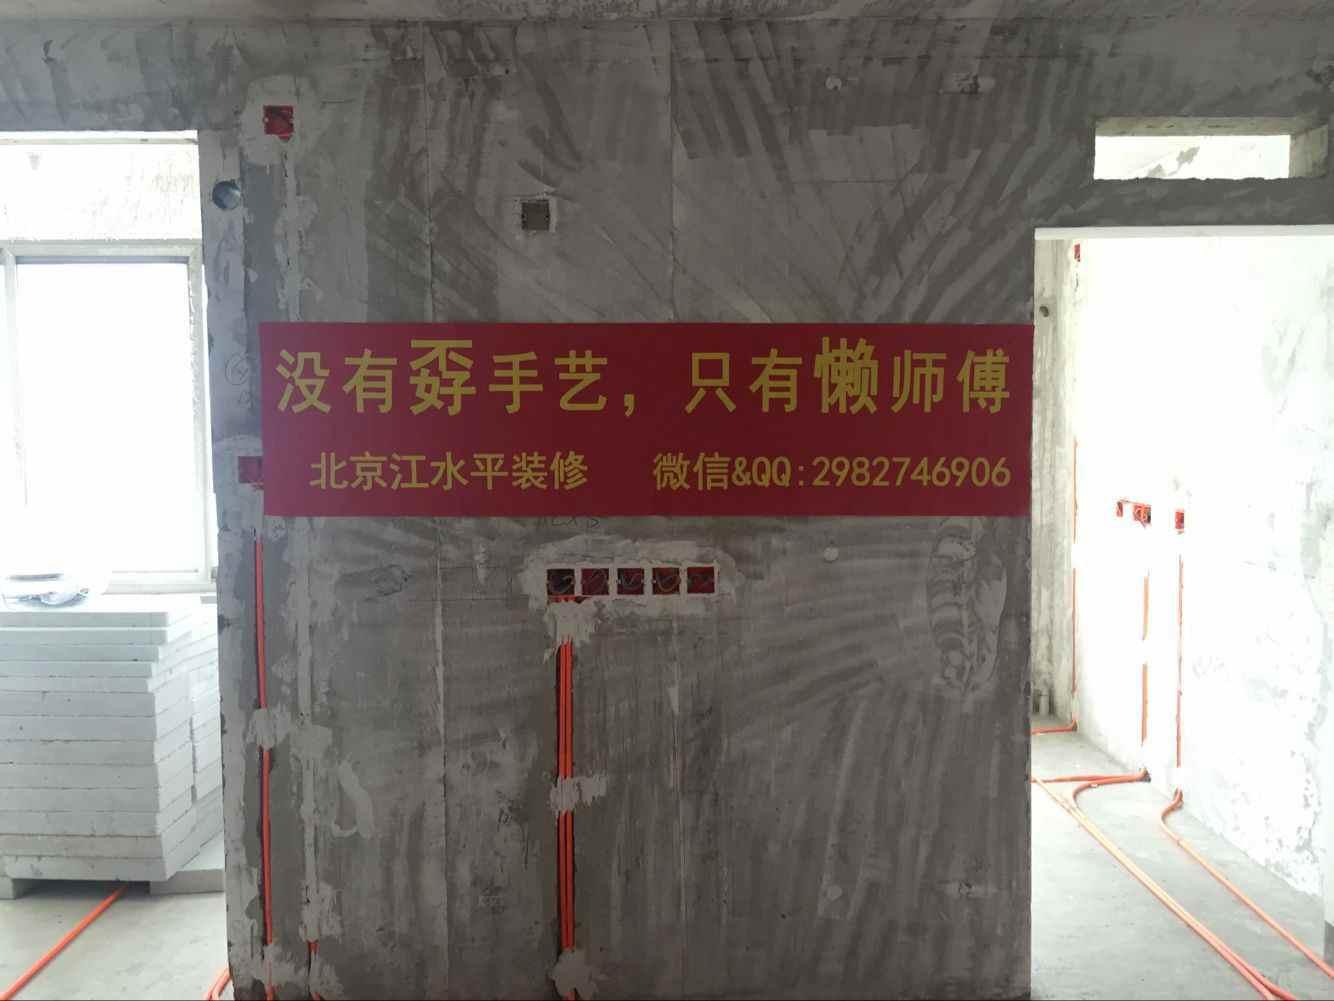 北京老房旧房二手房装修水电改造施工经验和注意事项,资深北京装修公司北京江水平装修队专业施工指南